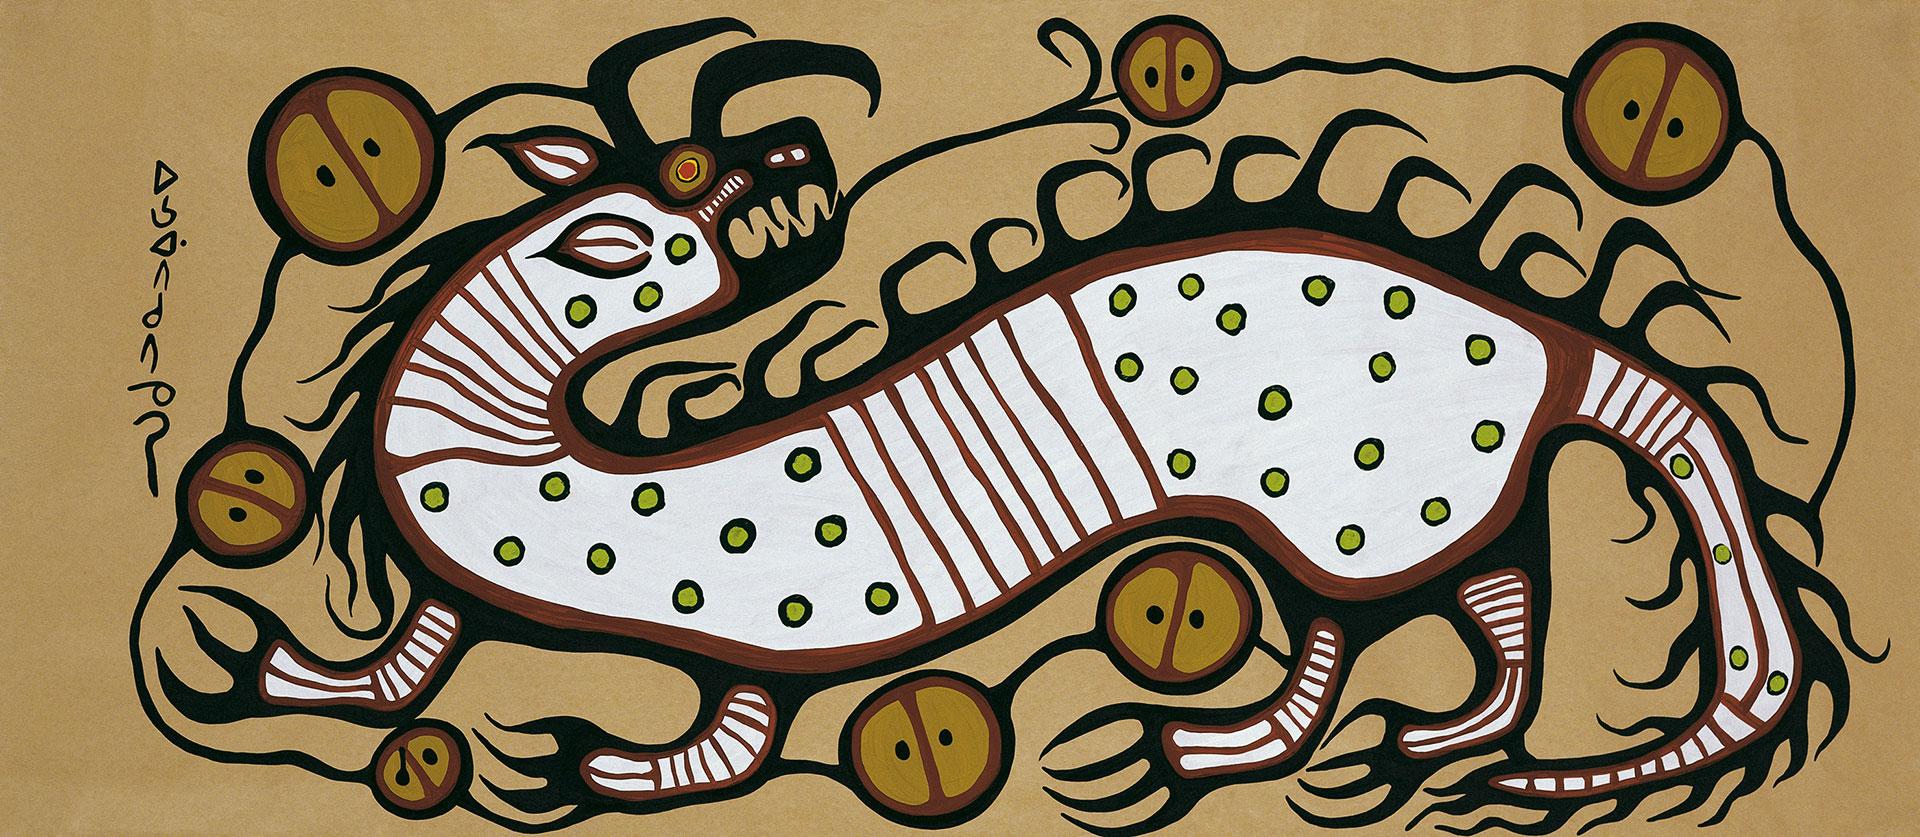 Œuvre de Norval Morrisseau, peintre anishinabe, intitulée « Esprit de l'eau » ou Water Spirit. L'artiste y représente un Mishipeshu.